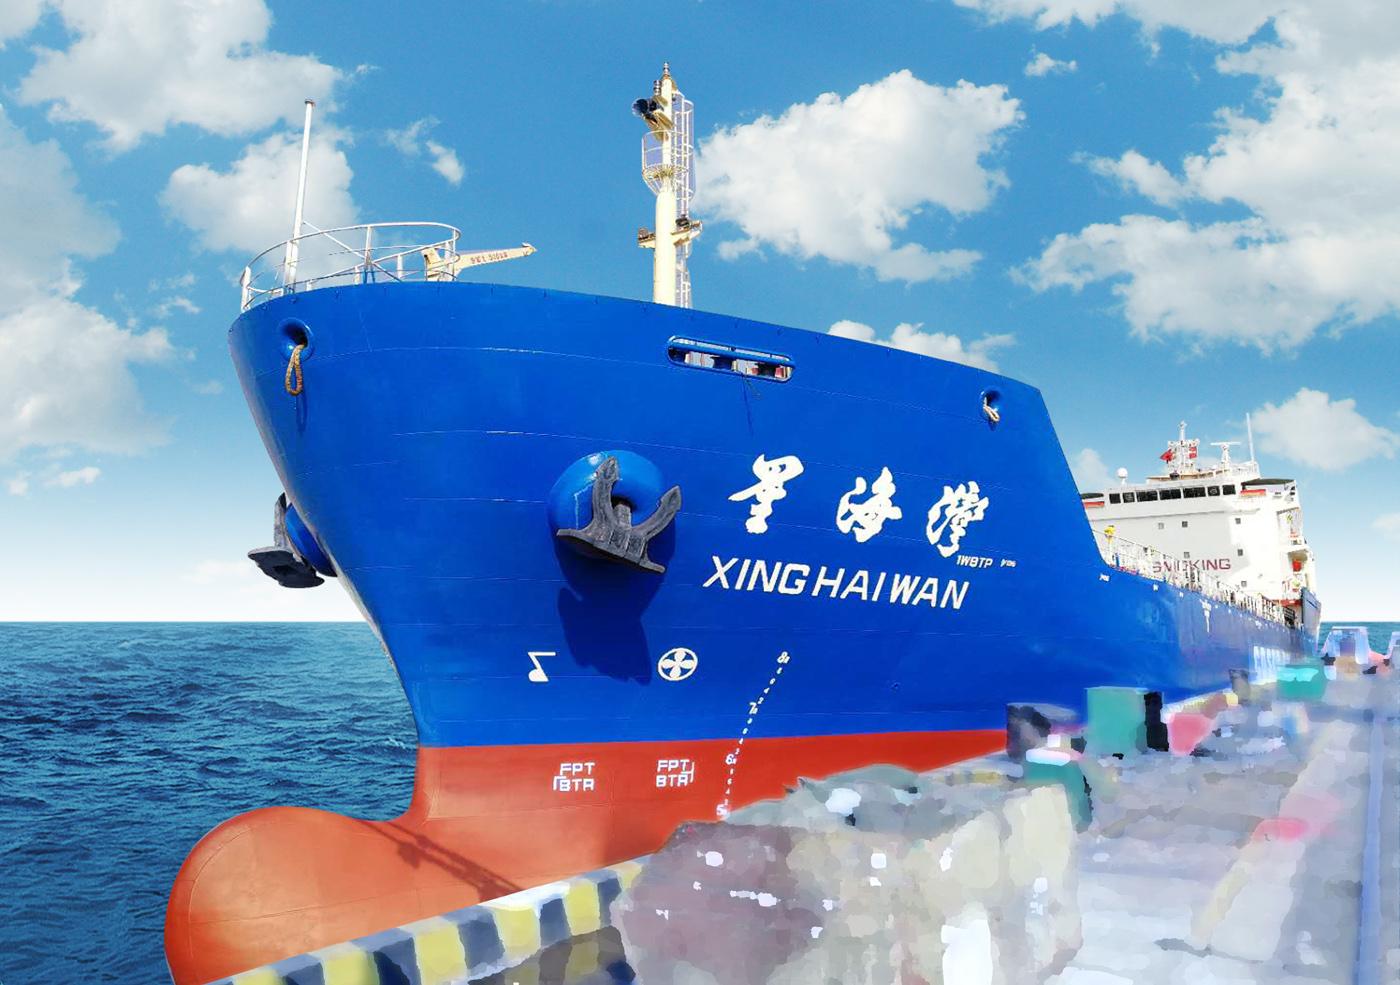 XING HAI WAN